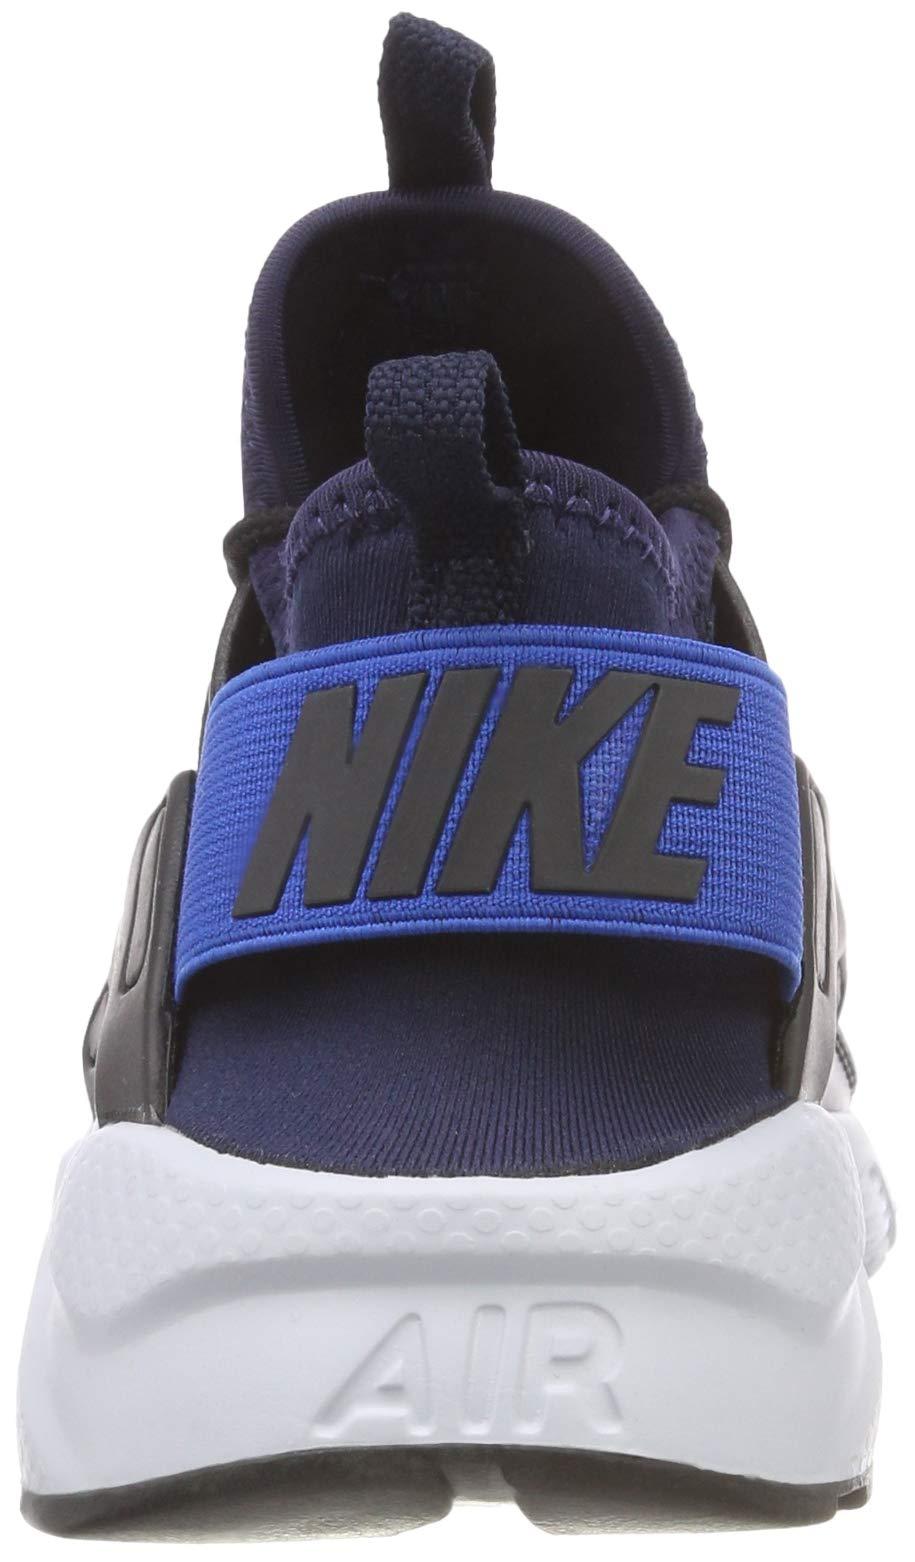 online retailer d6025 77d55 Nike Air Huarache Run Ultra GS, Scarpe Running Bambino